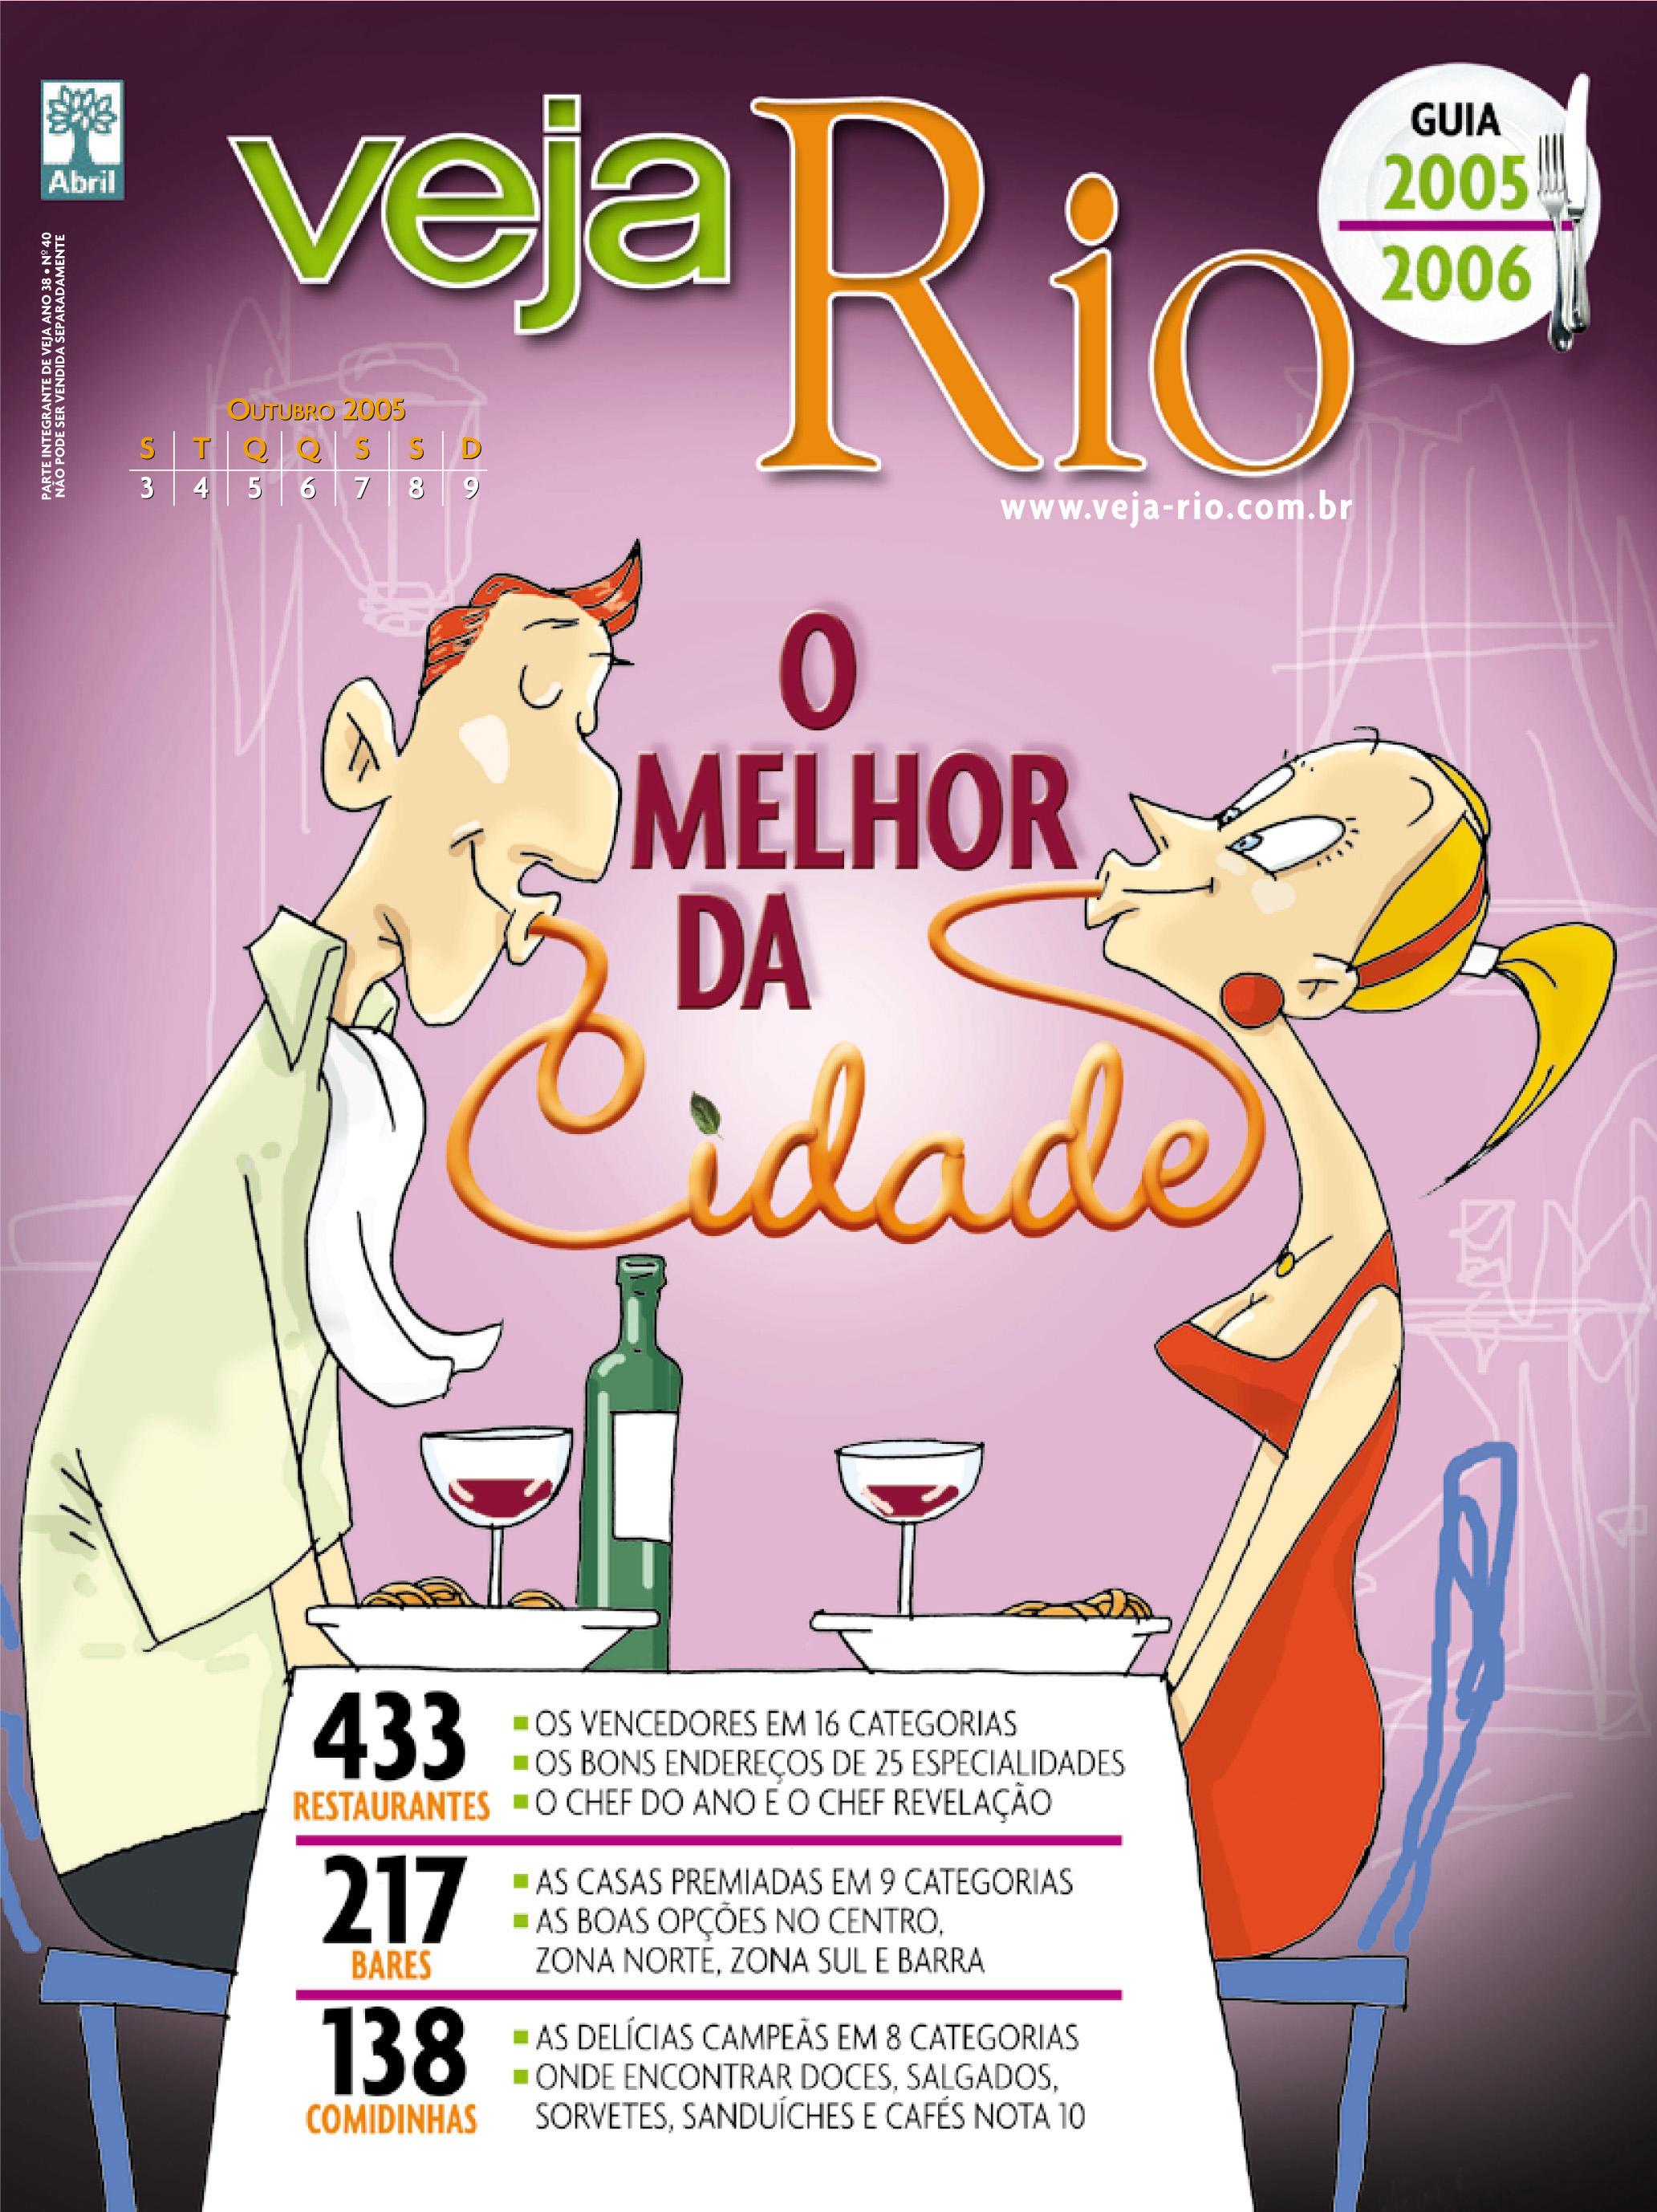 Capa da revista Veja Rio Especial O Melhor da Cidade, de 05 de outubro de 2005